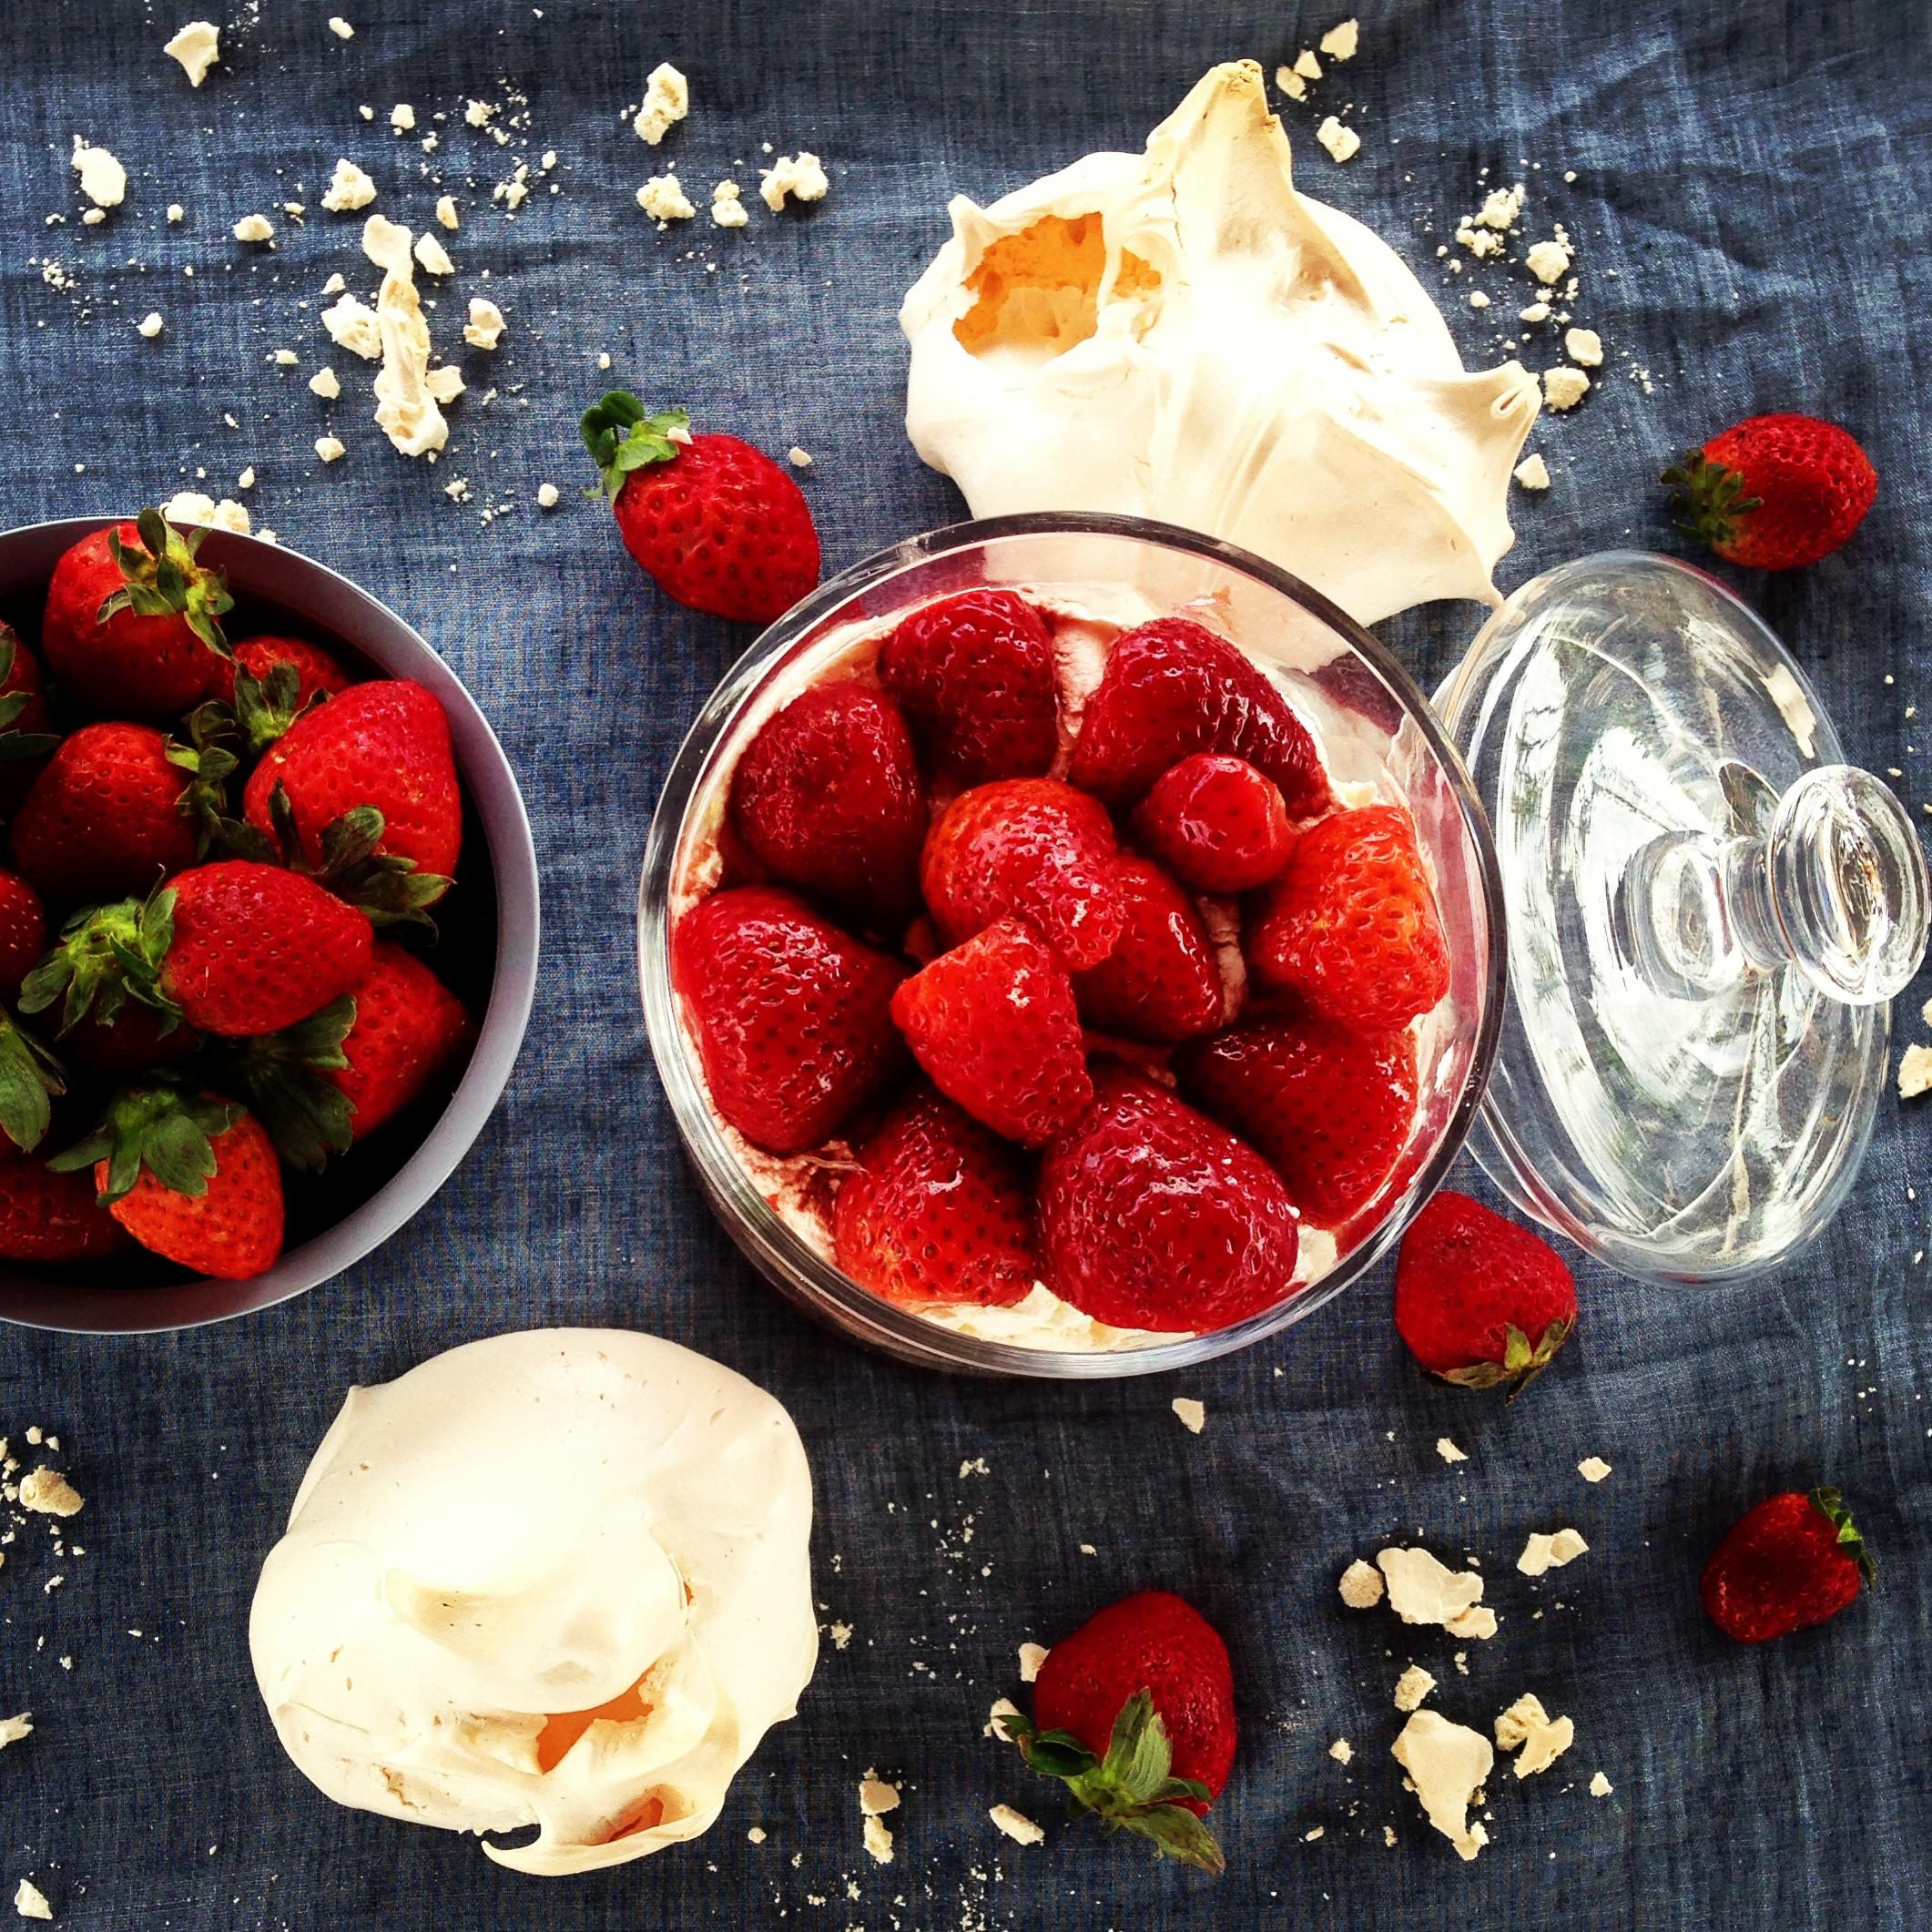 Un delicioso desorden de fresas